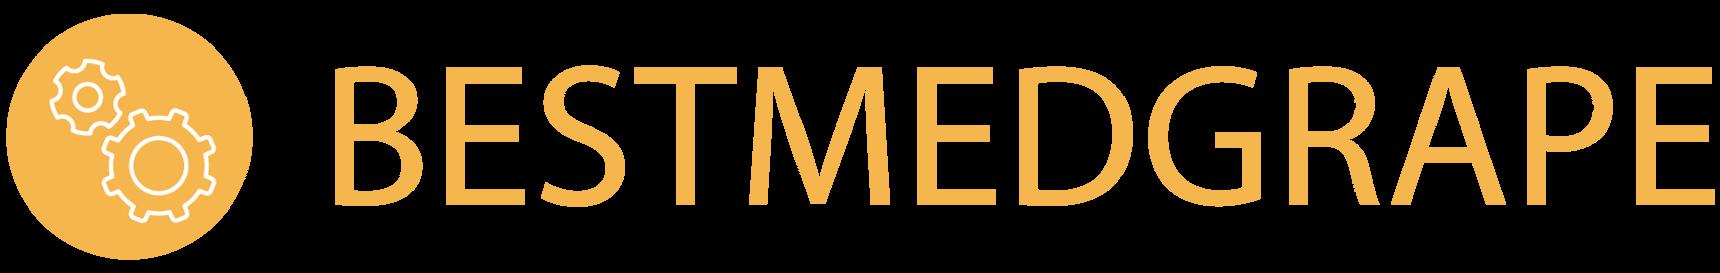 Best MedGrape logo